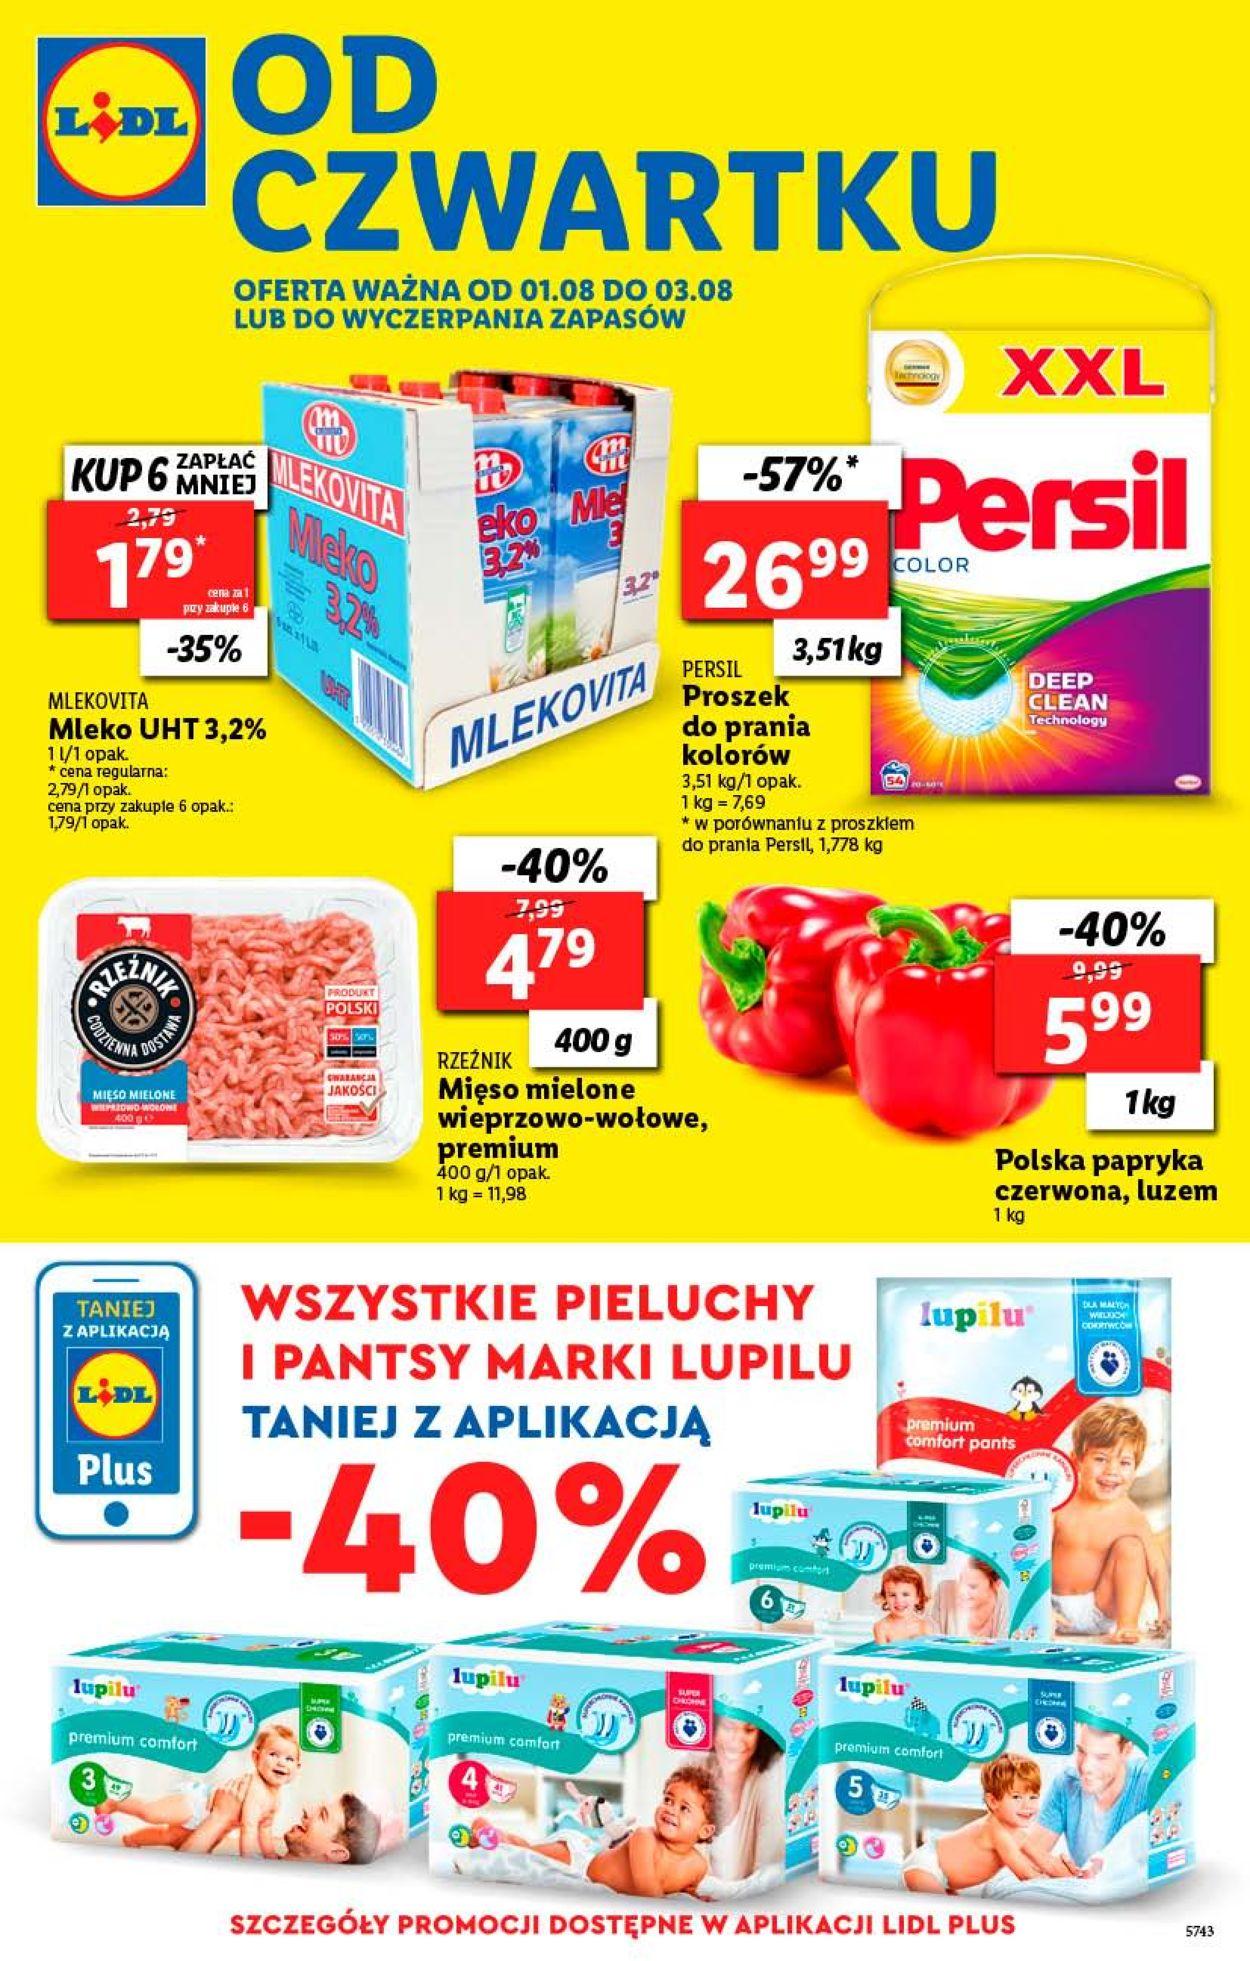 Gazetka promocyjna LIDL - 01.08-03.08.2019